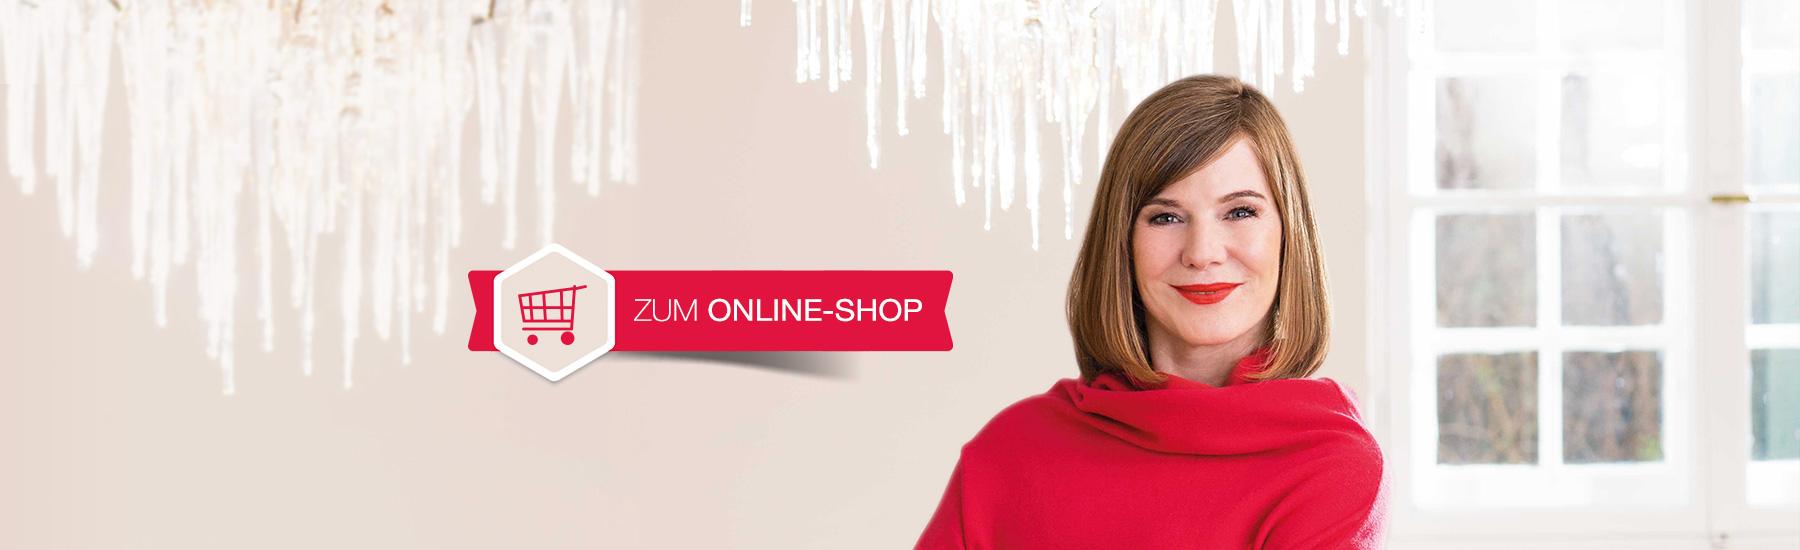 beatejohnen_slider_1800x550px_zumOnline-Shop